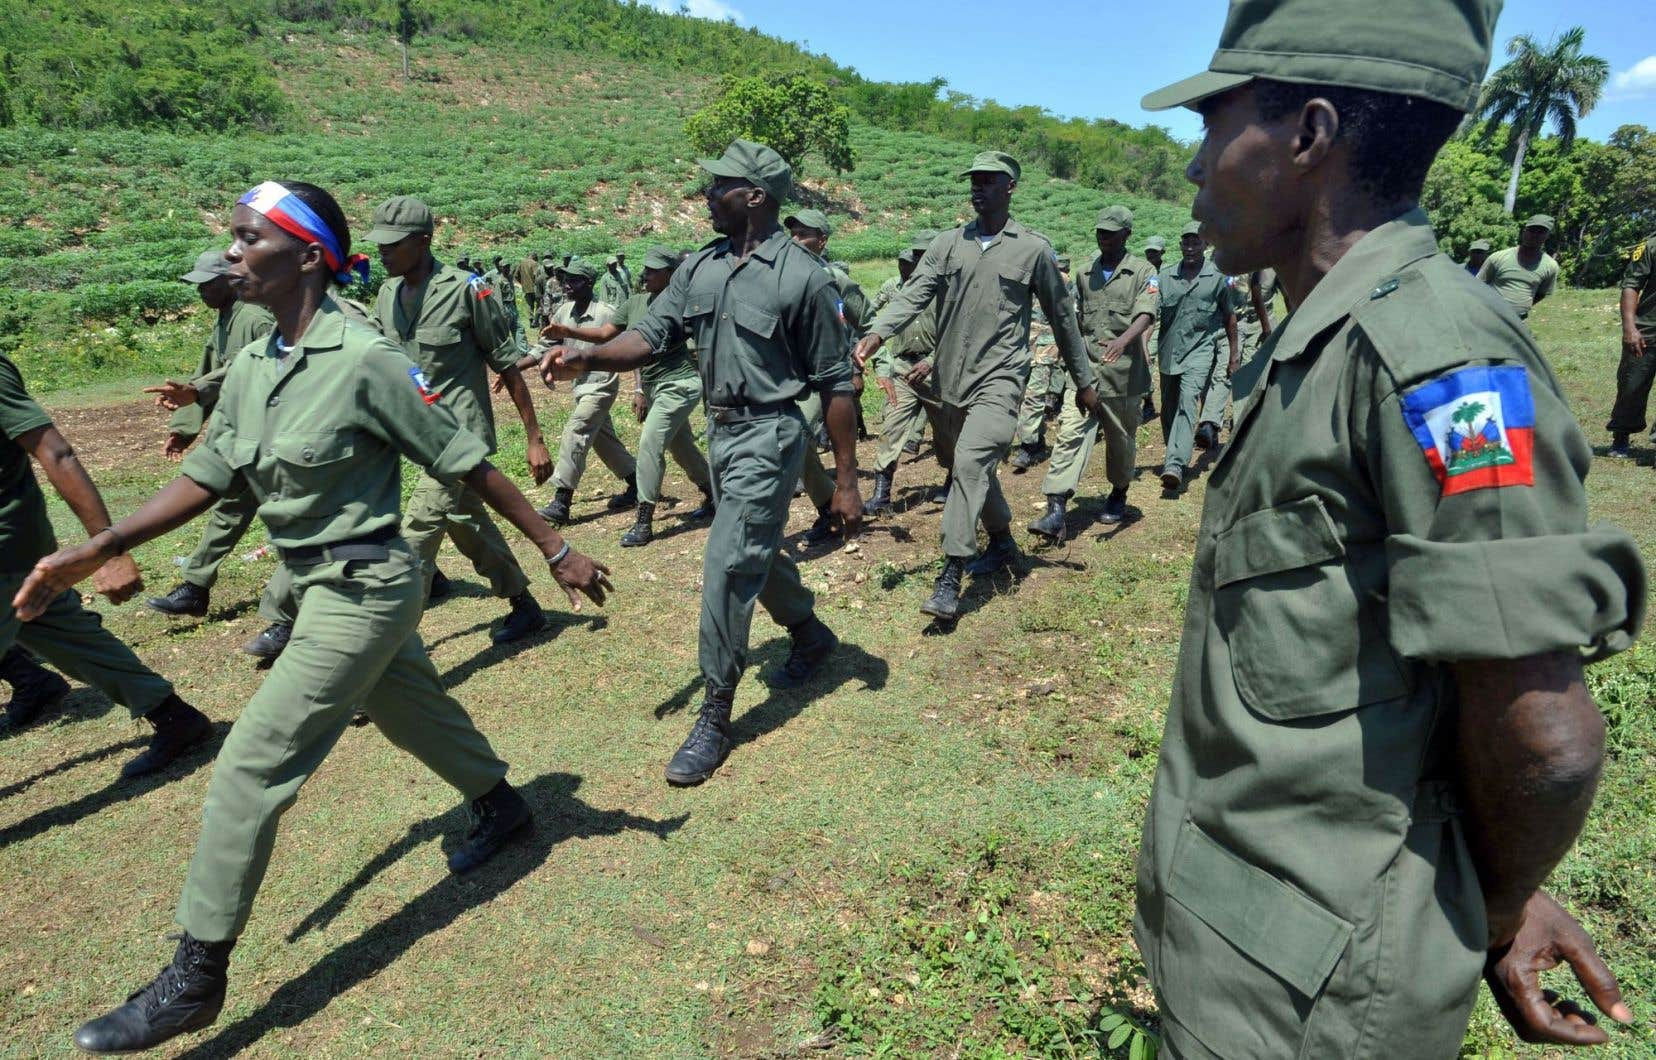 Reconstituer l'armée répond, selon le ministre de la Défense d'Haïti, au besoin de respecter la Constitution qui établit l'existence d'un corps militaire aux côtés de la police.